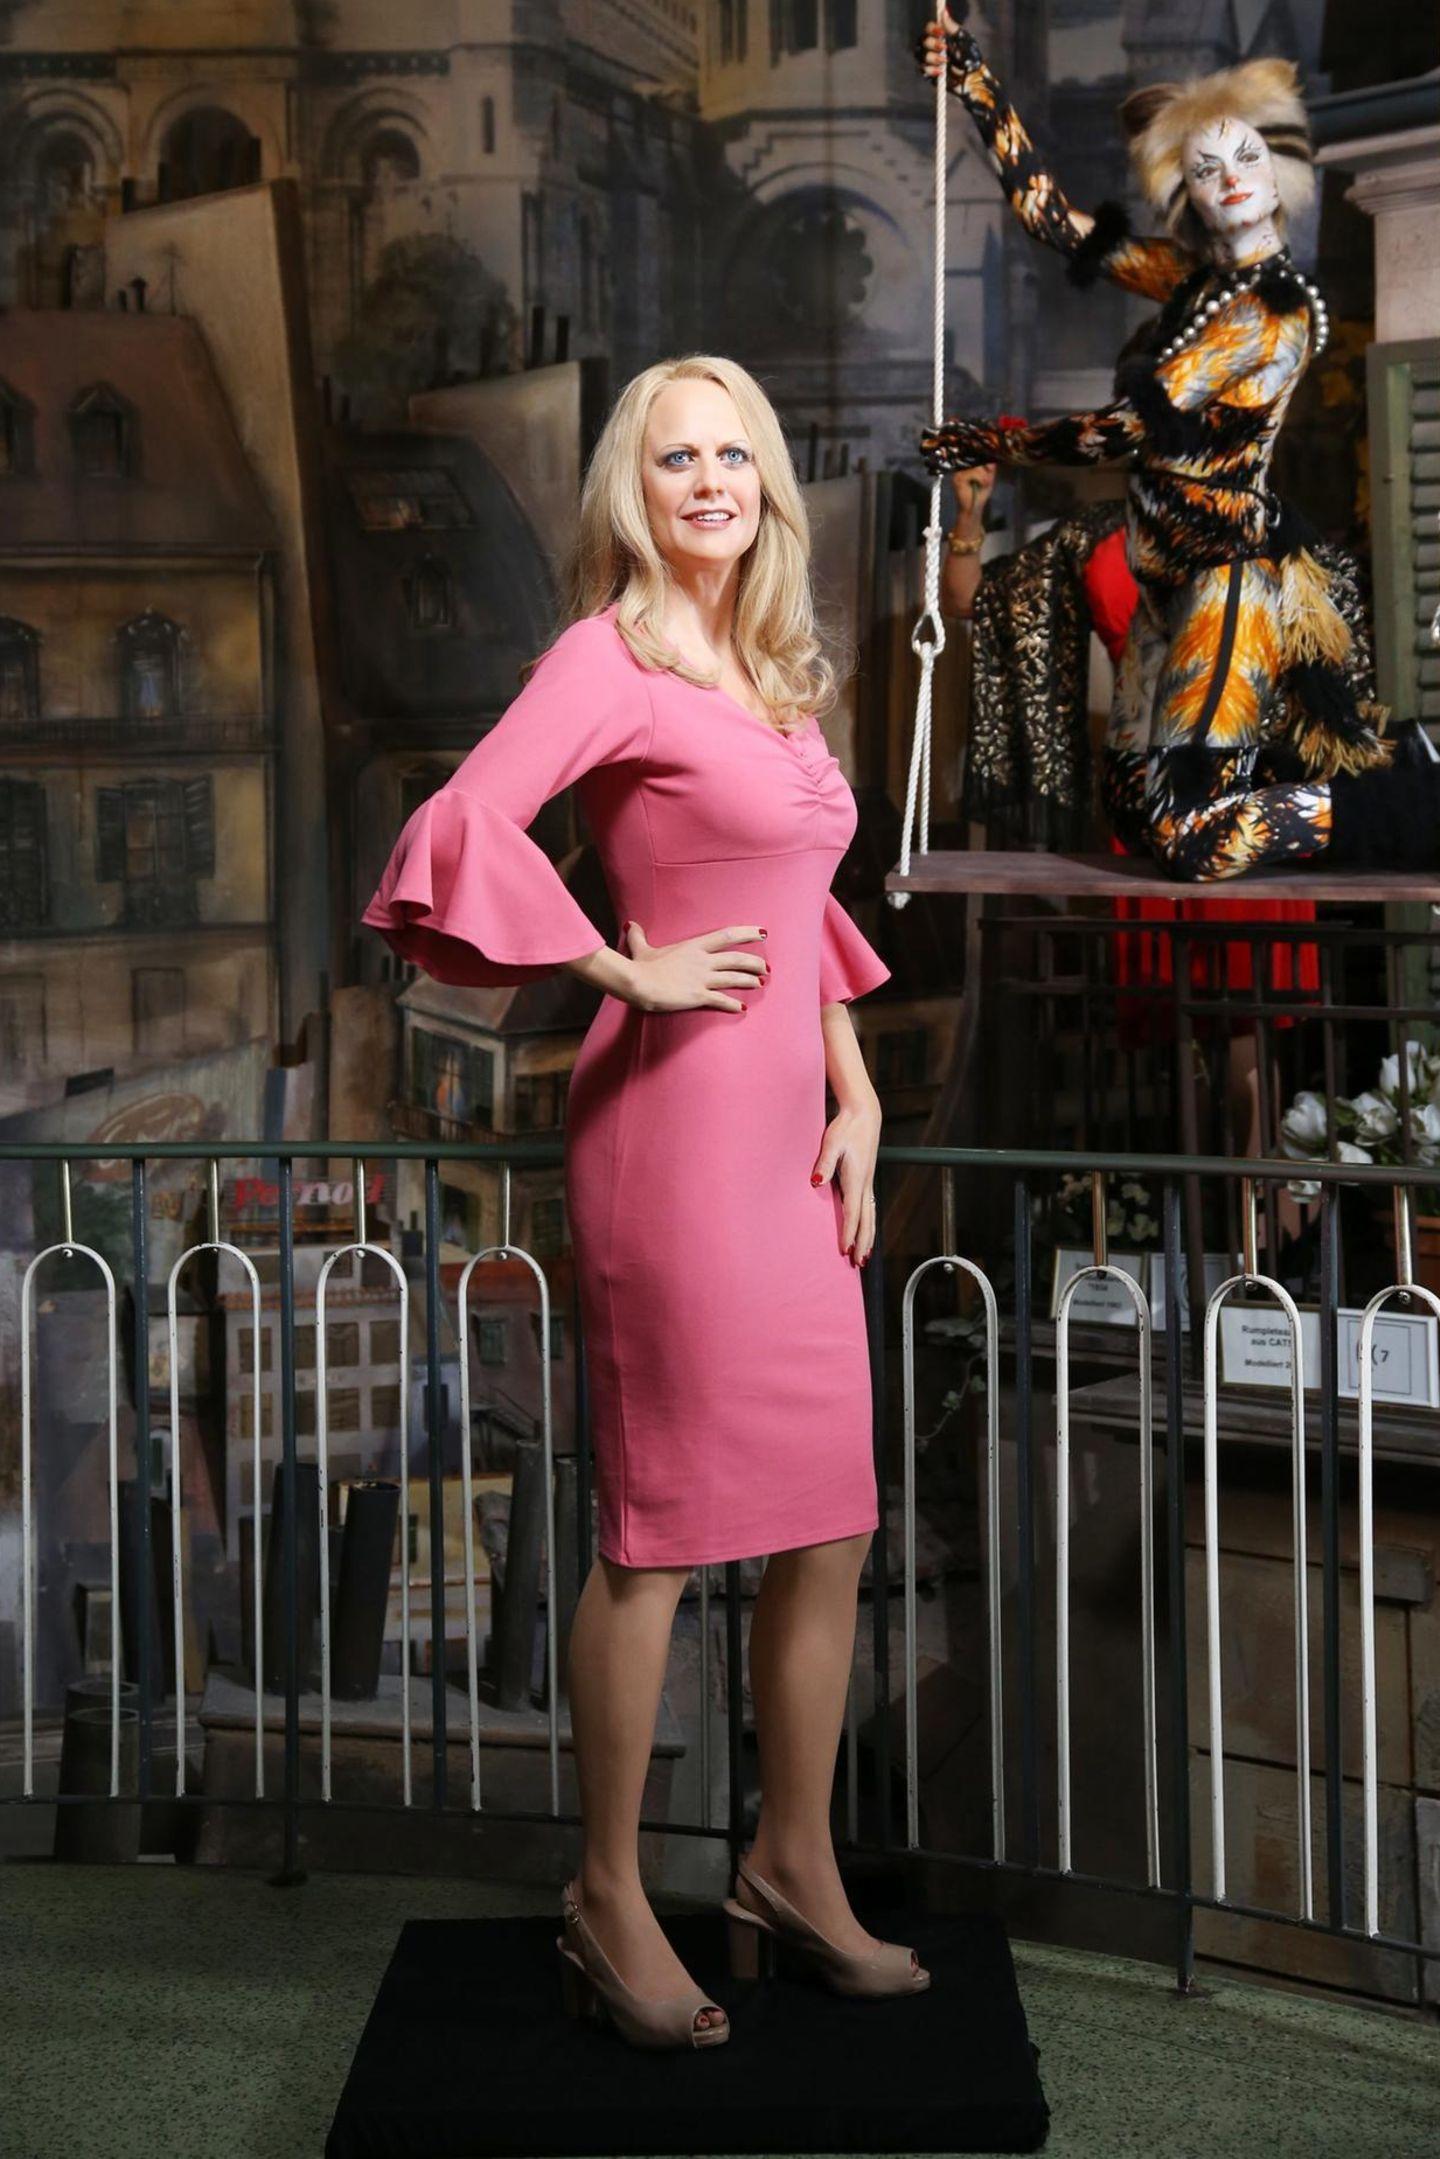 8. Mai 2019  Zum 140. Jubiläum des HamburgerPanoptikums ist Barbara Schöneberger in das berühmte Wachsfigurenkabinett auf der Reeperbahn eingezogen. Die Wachsfigur der beliebten Moderatorin trägt ein elegantes pinkesKleid und offene, blondeHaare.